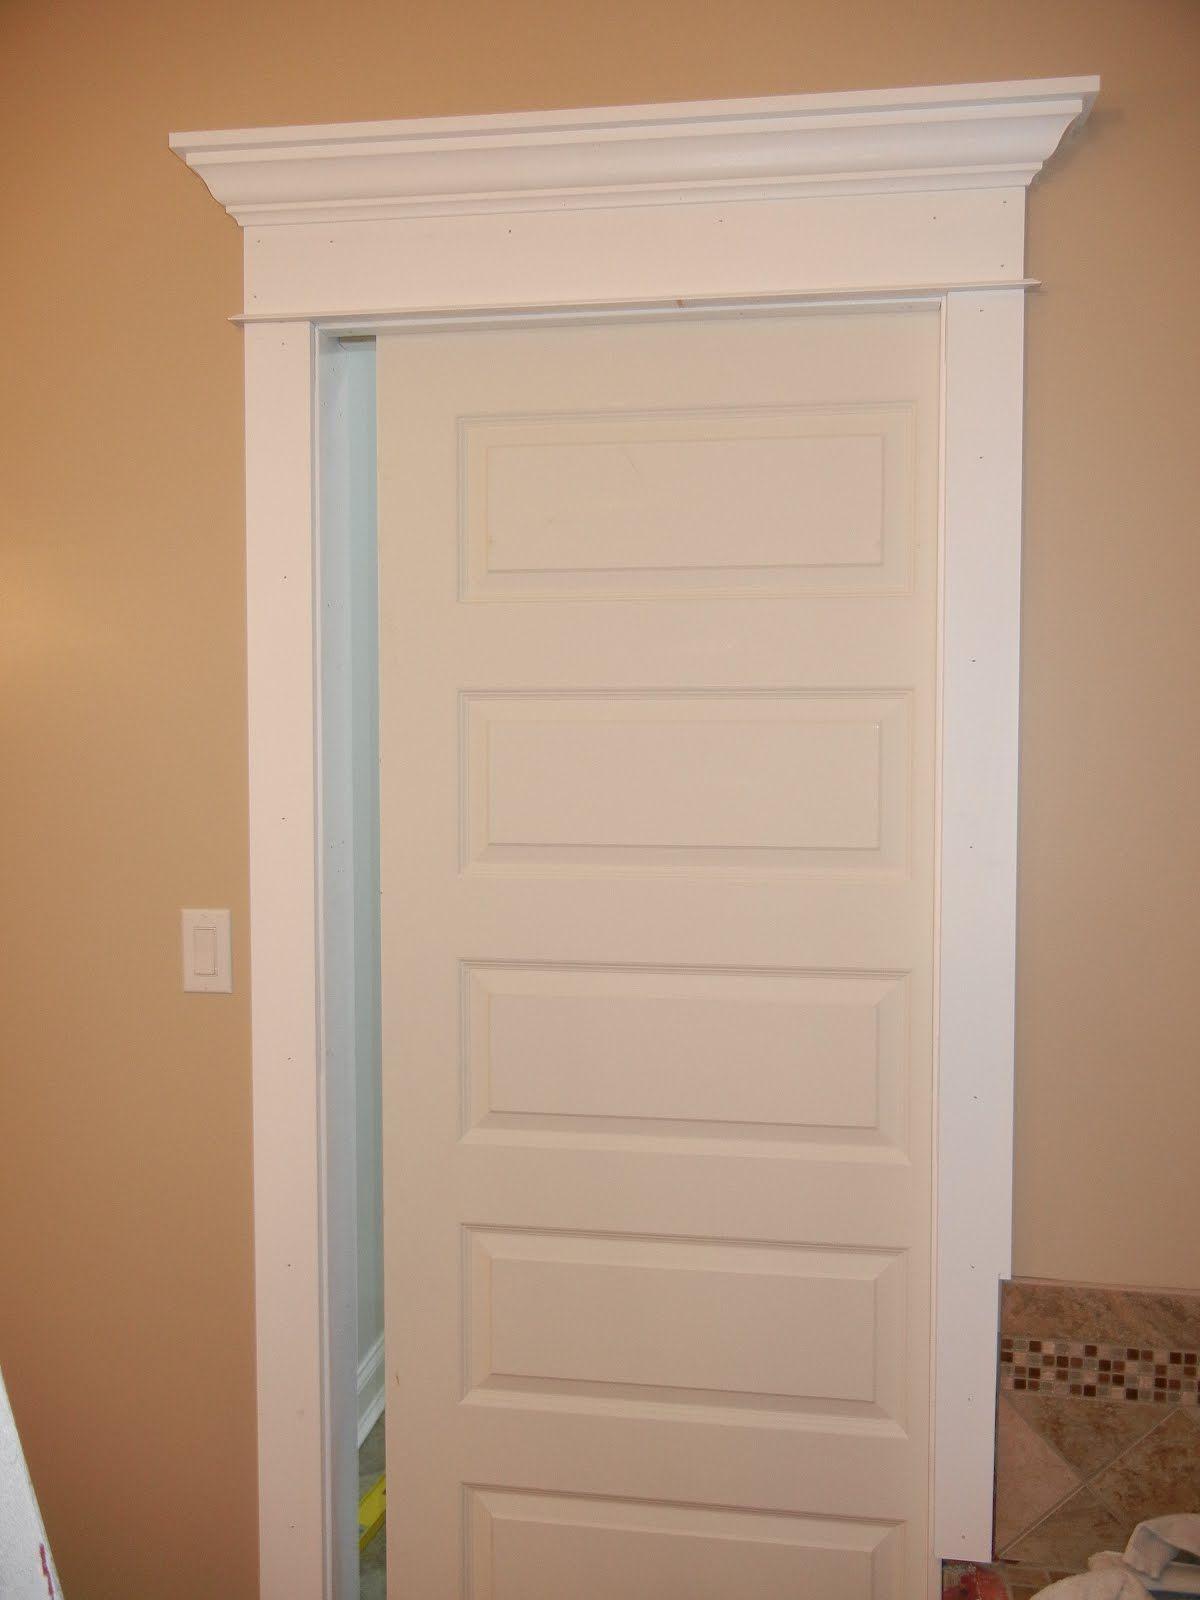 Interior Doors Pocket Five Panel Molded Door With Door Topper Bayer Built Woodworks Pocket Doors Pocket Doors Bathroom Interior Barn Doors